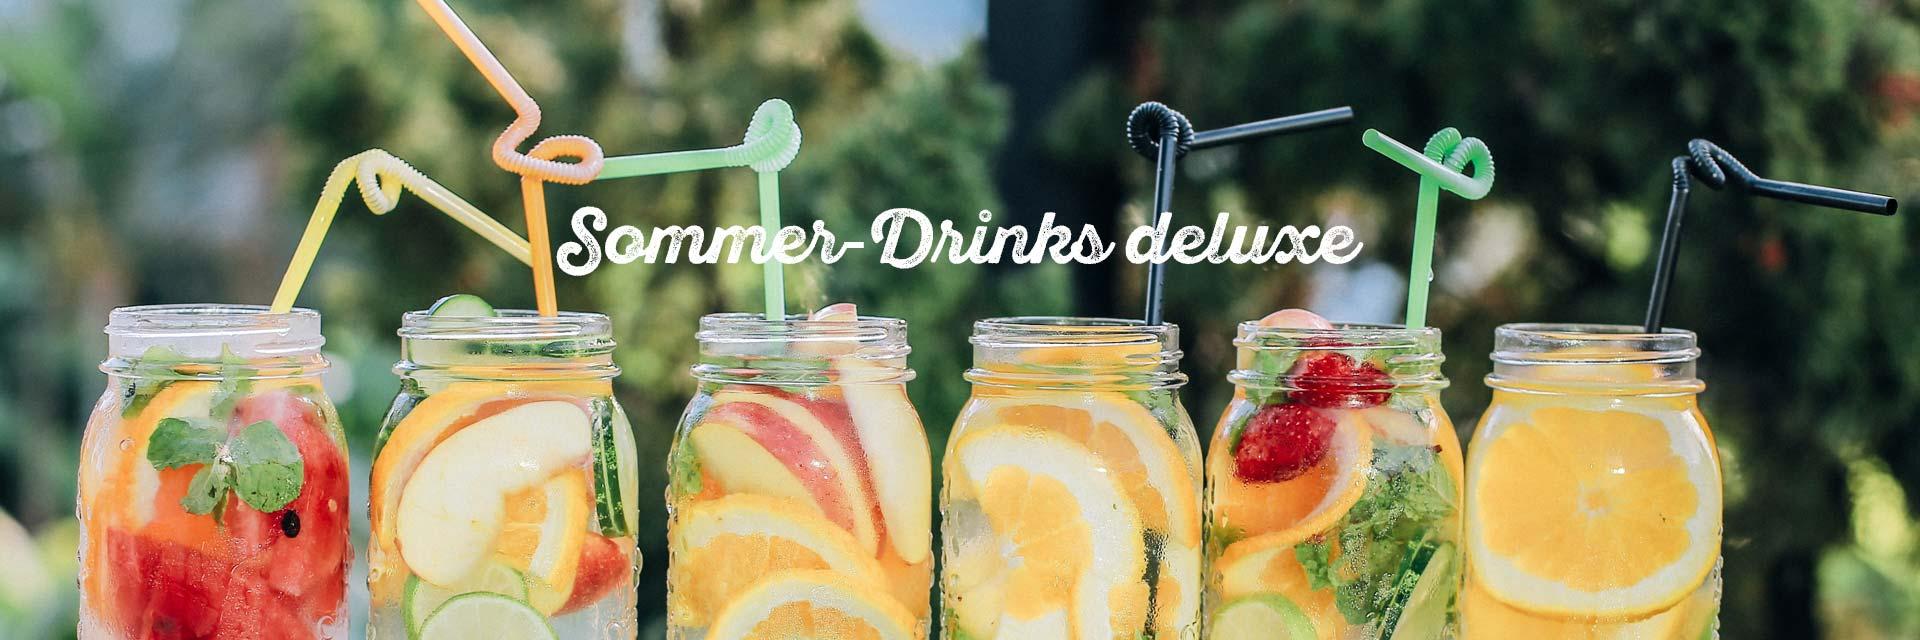 sommer-drinks-saar-lor-deluxe